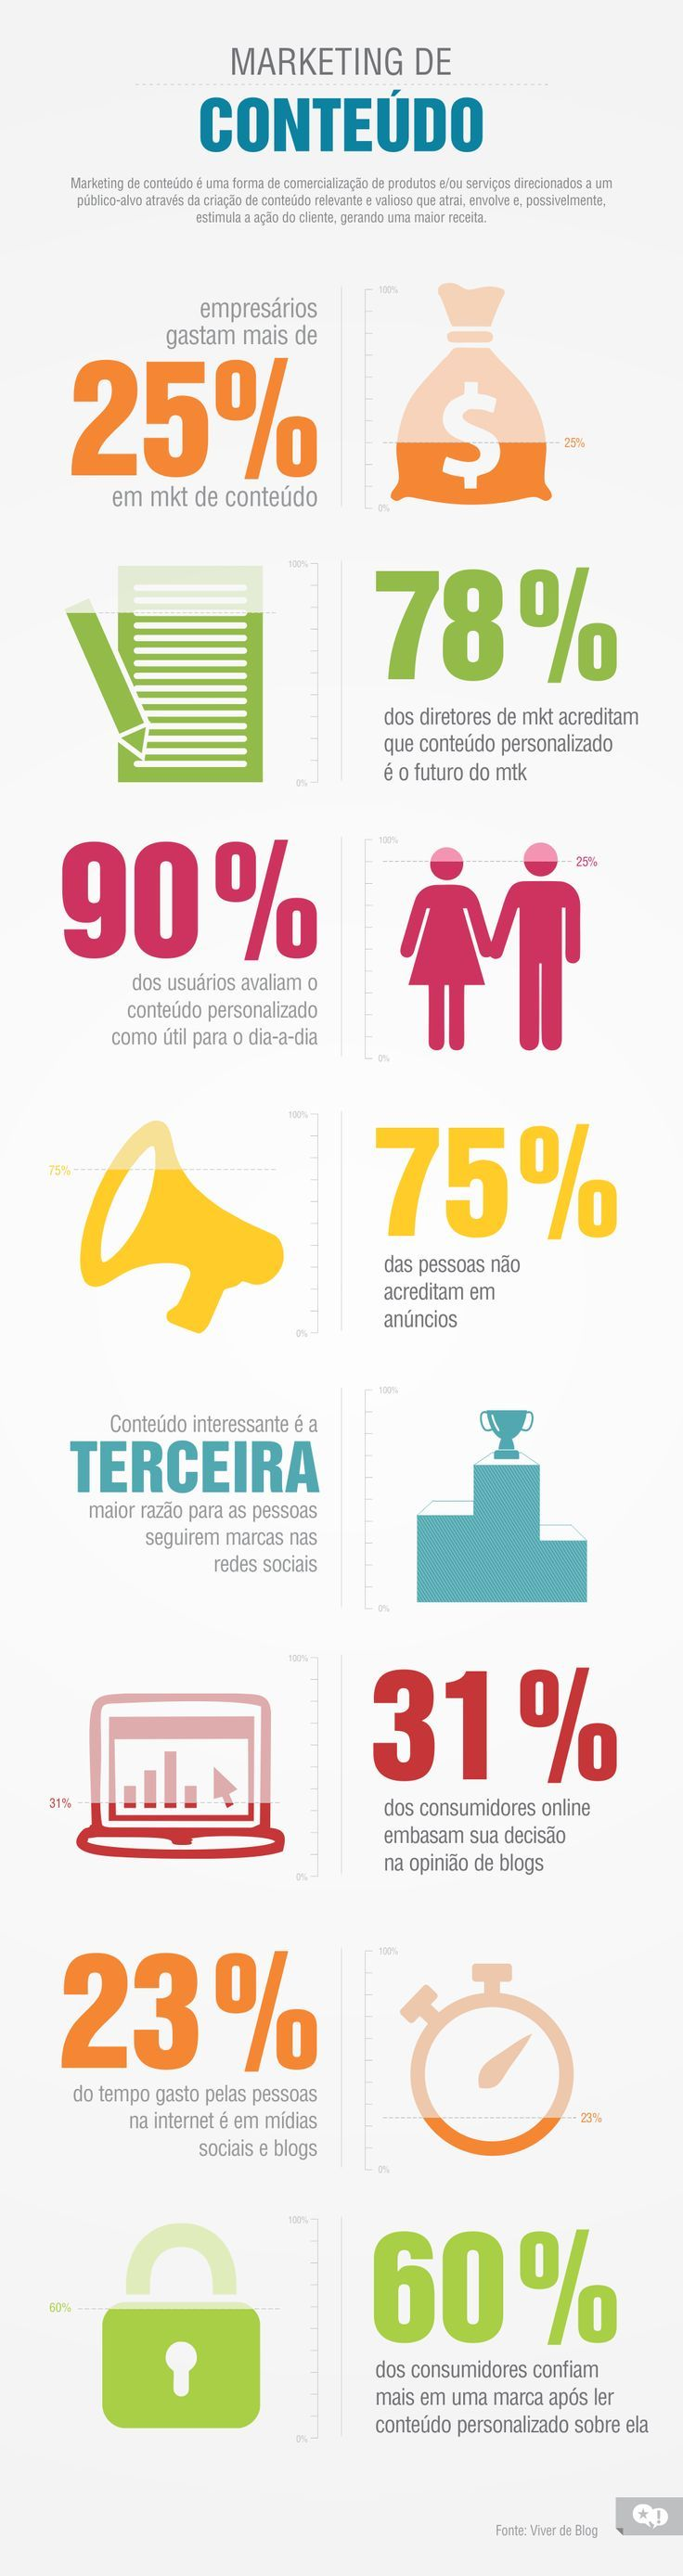 Dados sobre #marketing de conteúdo #infografico #consumer